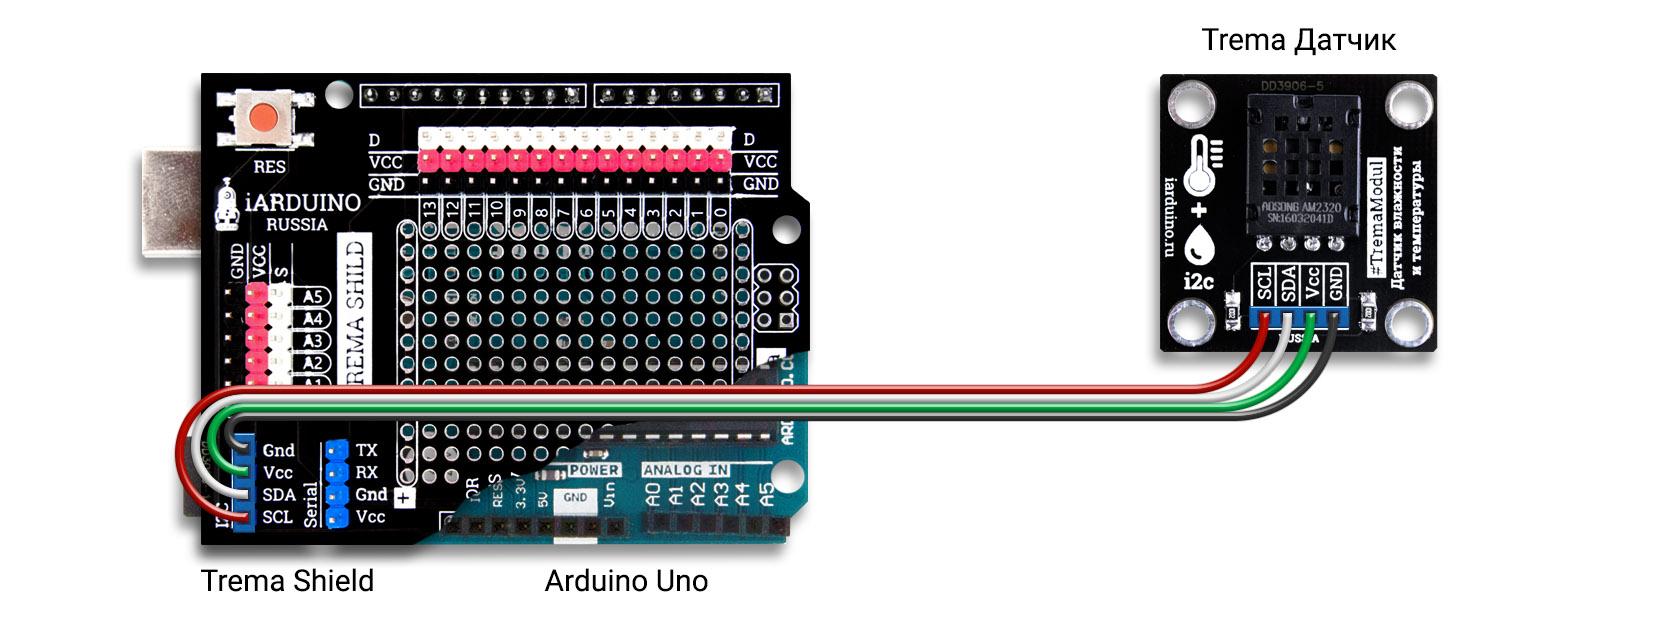 Подключение цифрового датчика температуры и влажности AM2320 к Arduino